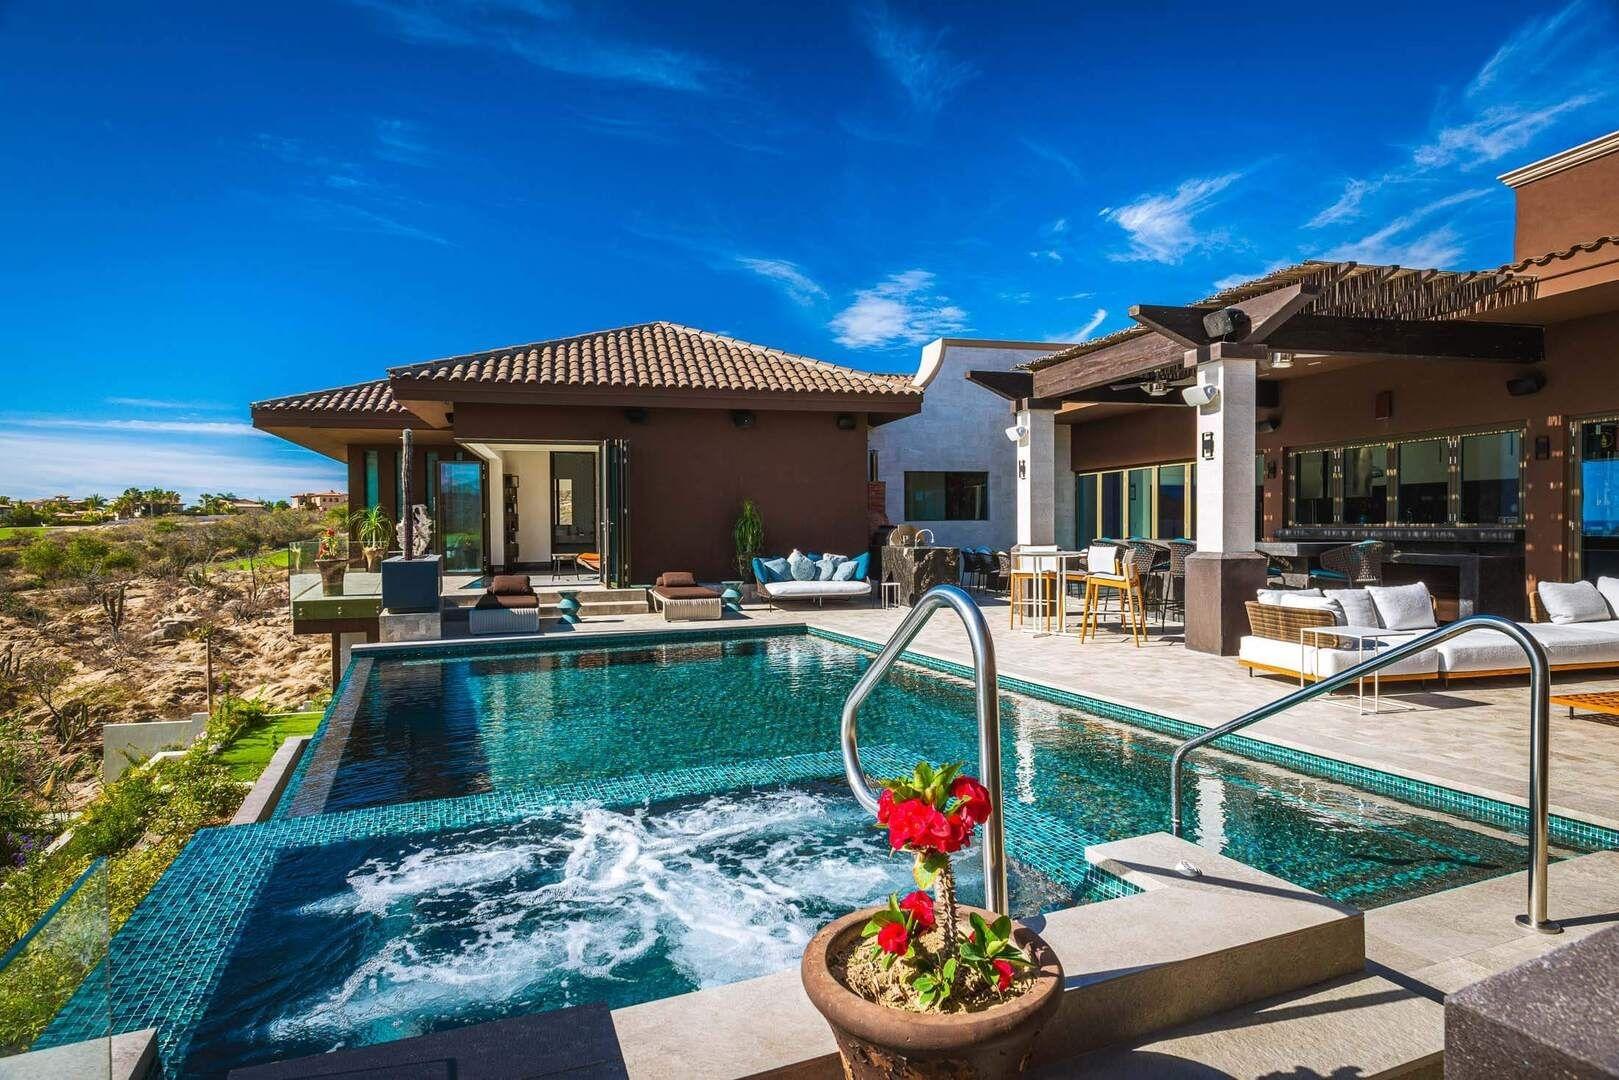 - La Casa de Villa - Image 1/41